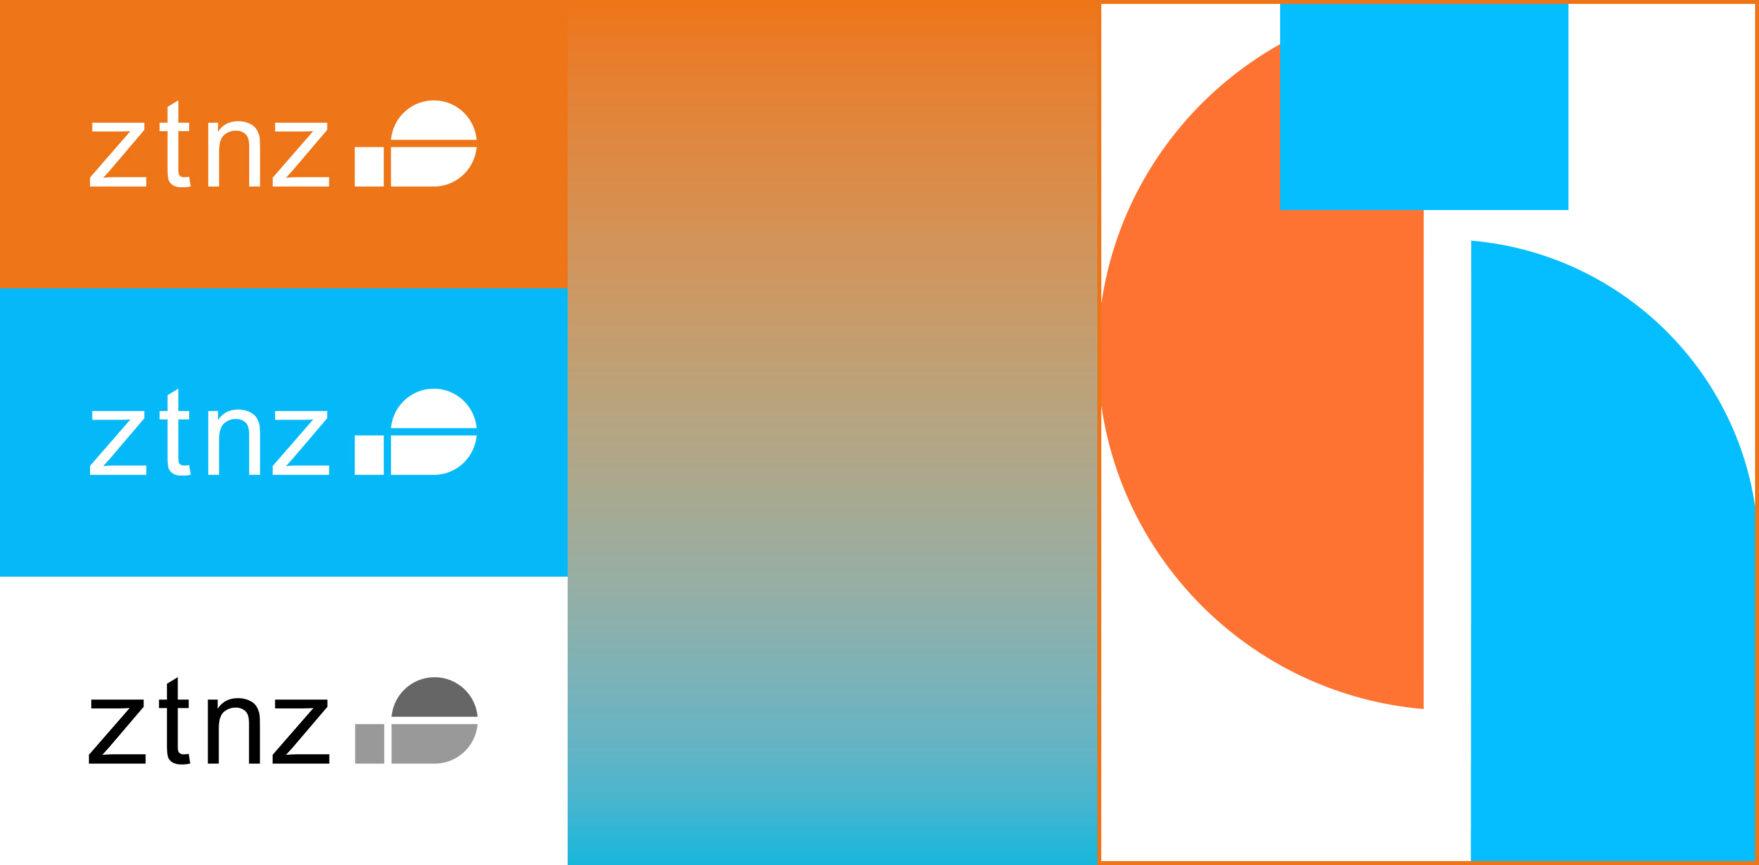 ZTNZ Wort-Bildmarke Farben und Formensprache